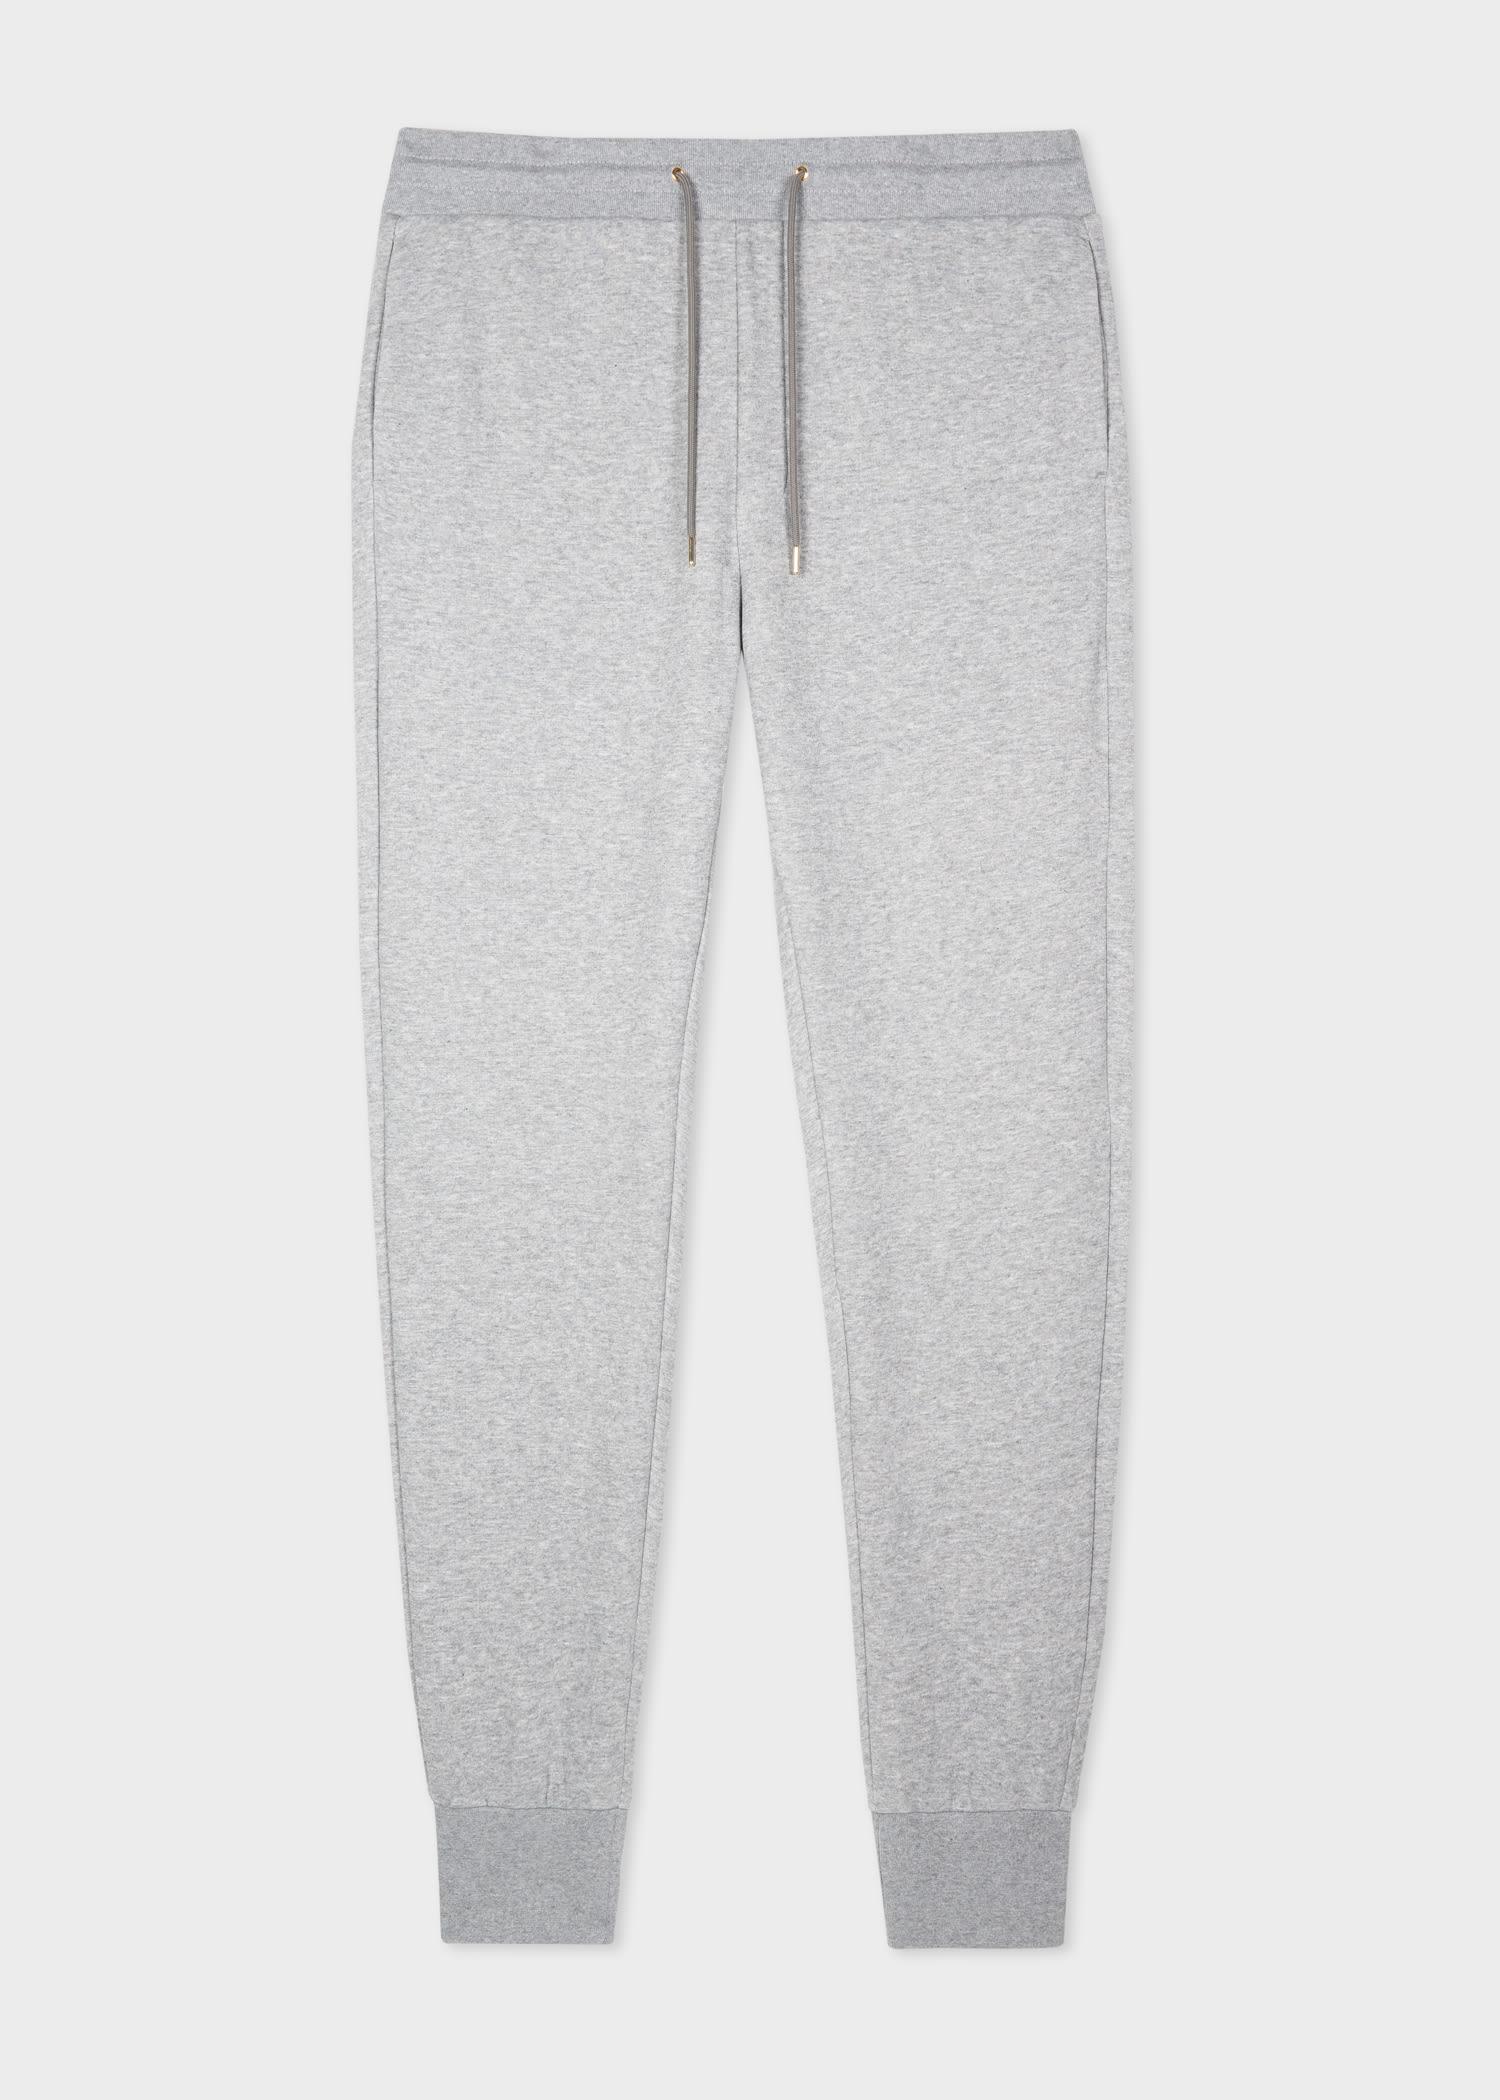 폴 스미스 스웻팬츠 Paul Smith Mens Grey Paint Splatter Sweatpants